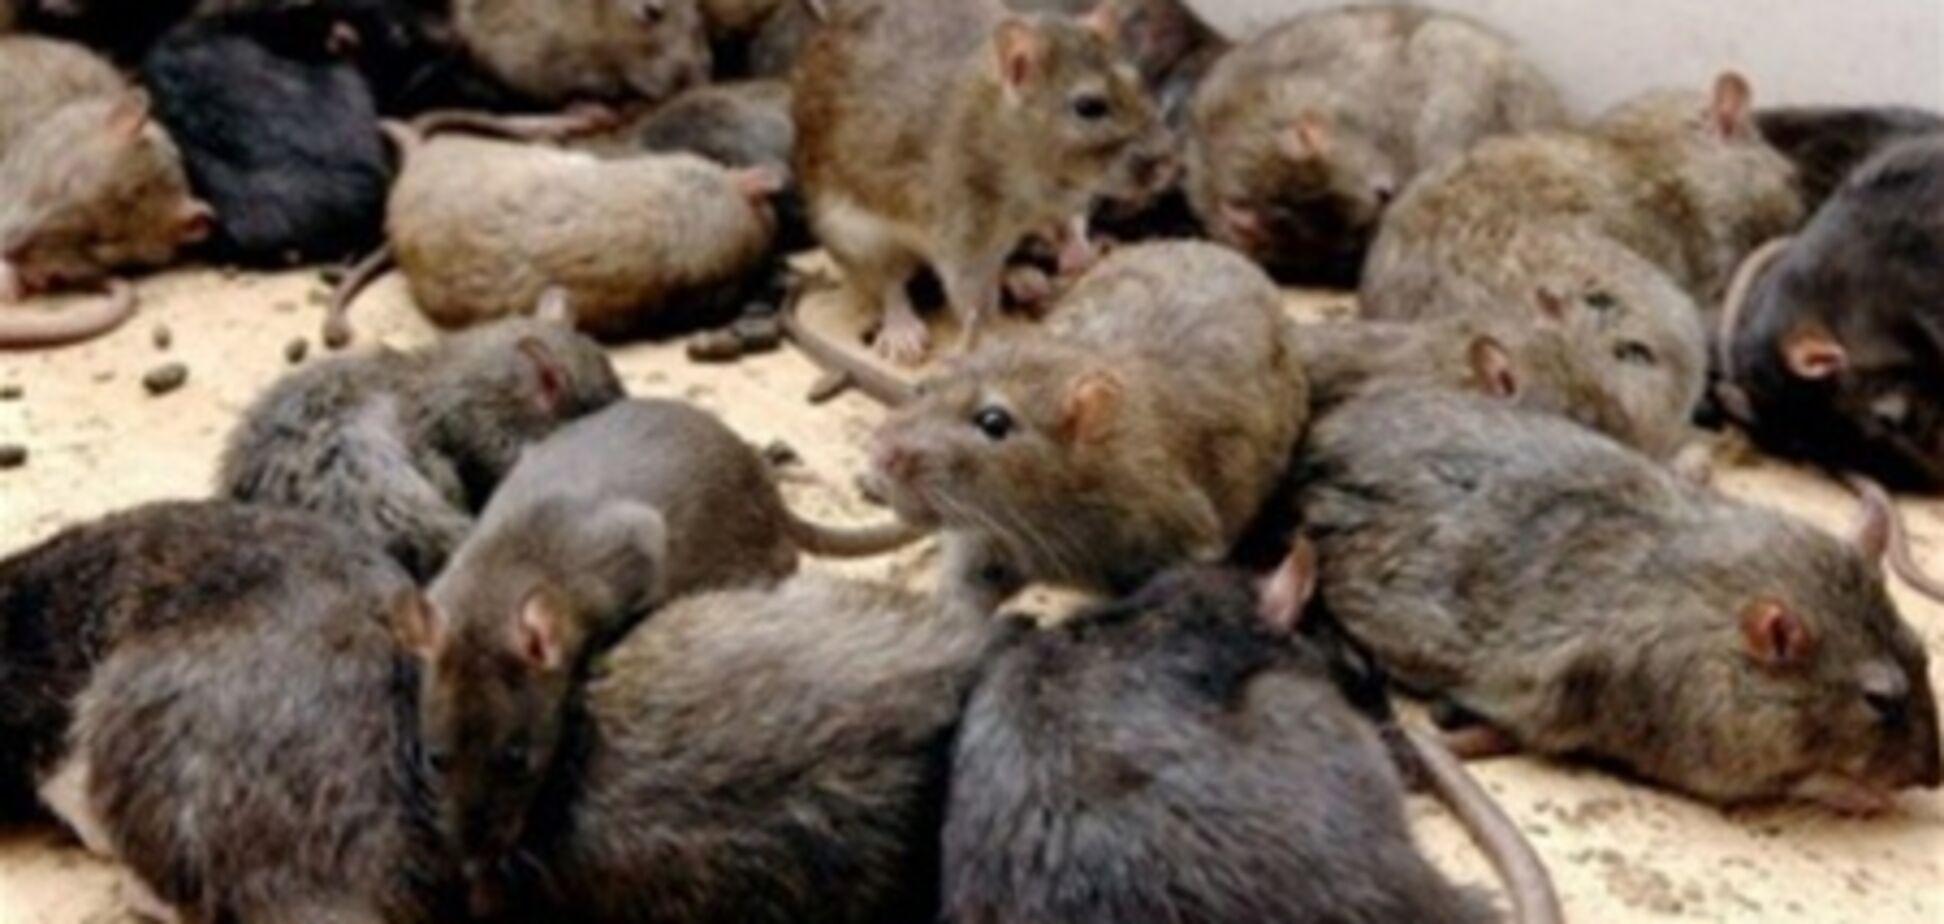 Партнер советника Кернеса 'наварил' на убийстве крыс 3 млн